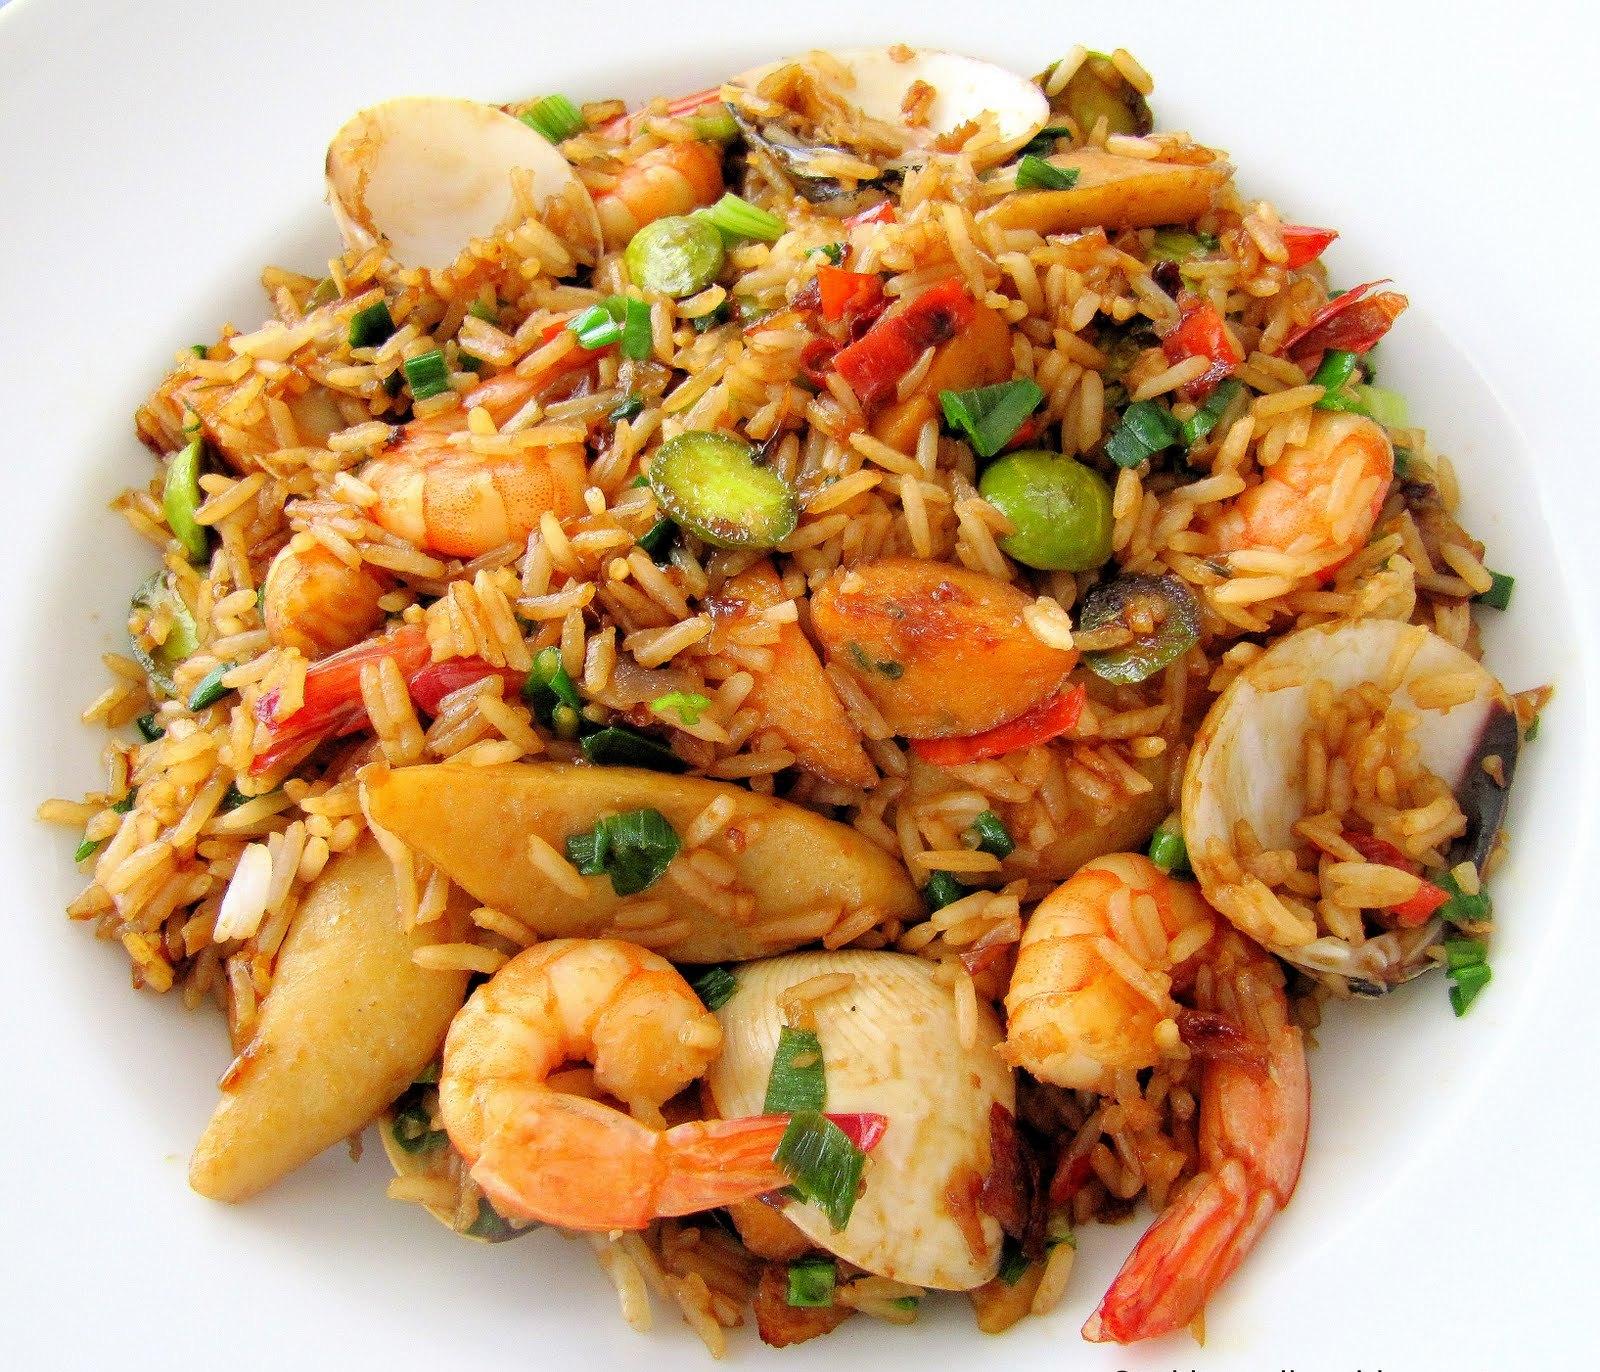 Resep Praktis Nasi Goreng Seafood